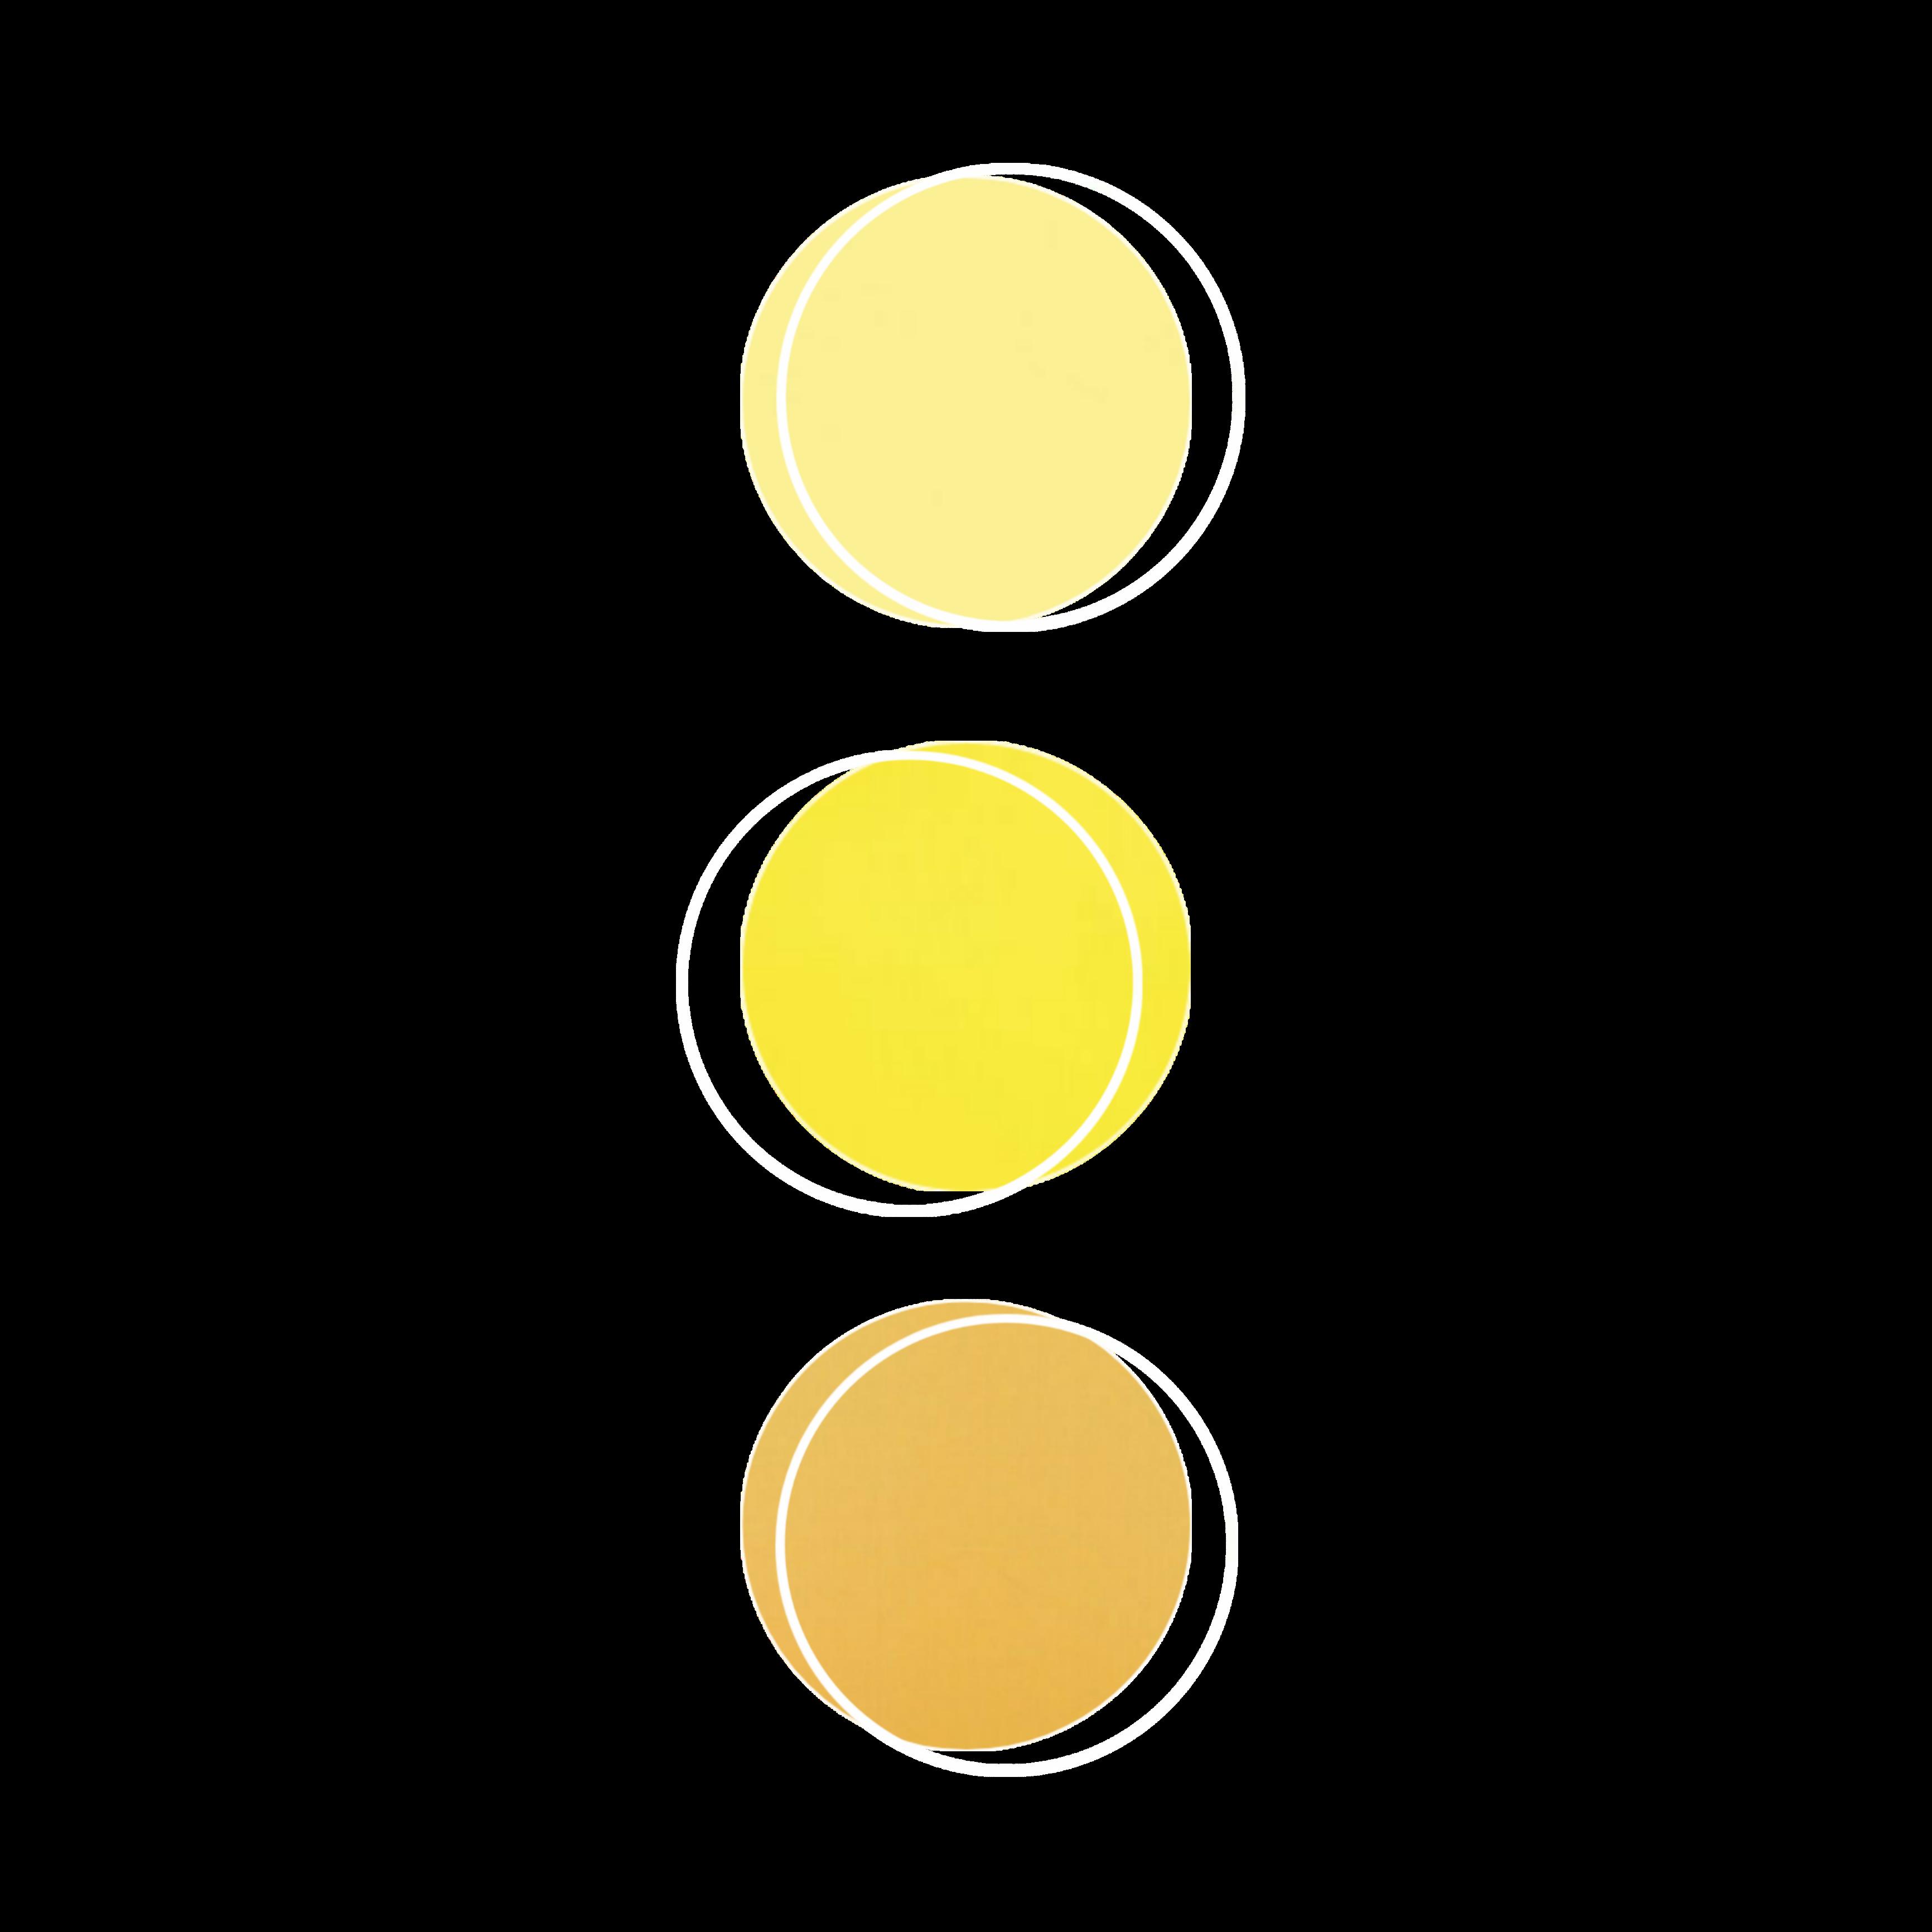 Aufkleber Von Spicyytaee In 2020 Paper Background Texture Aesthetic Stickers Yellow Palette